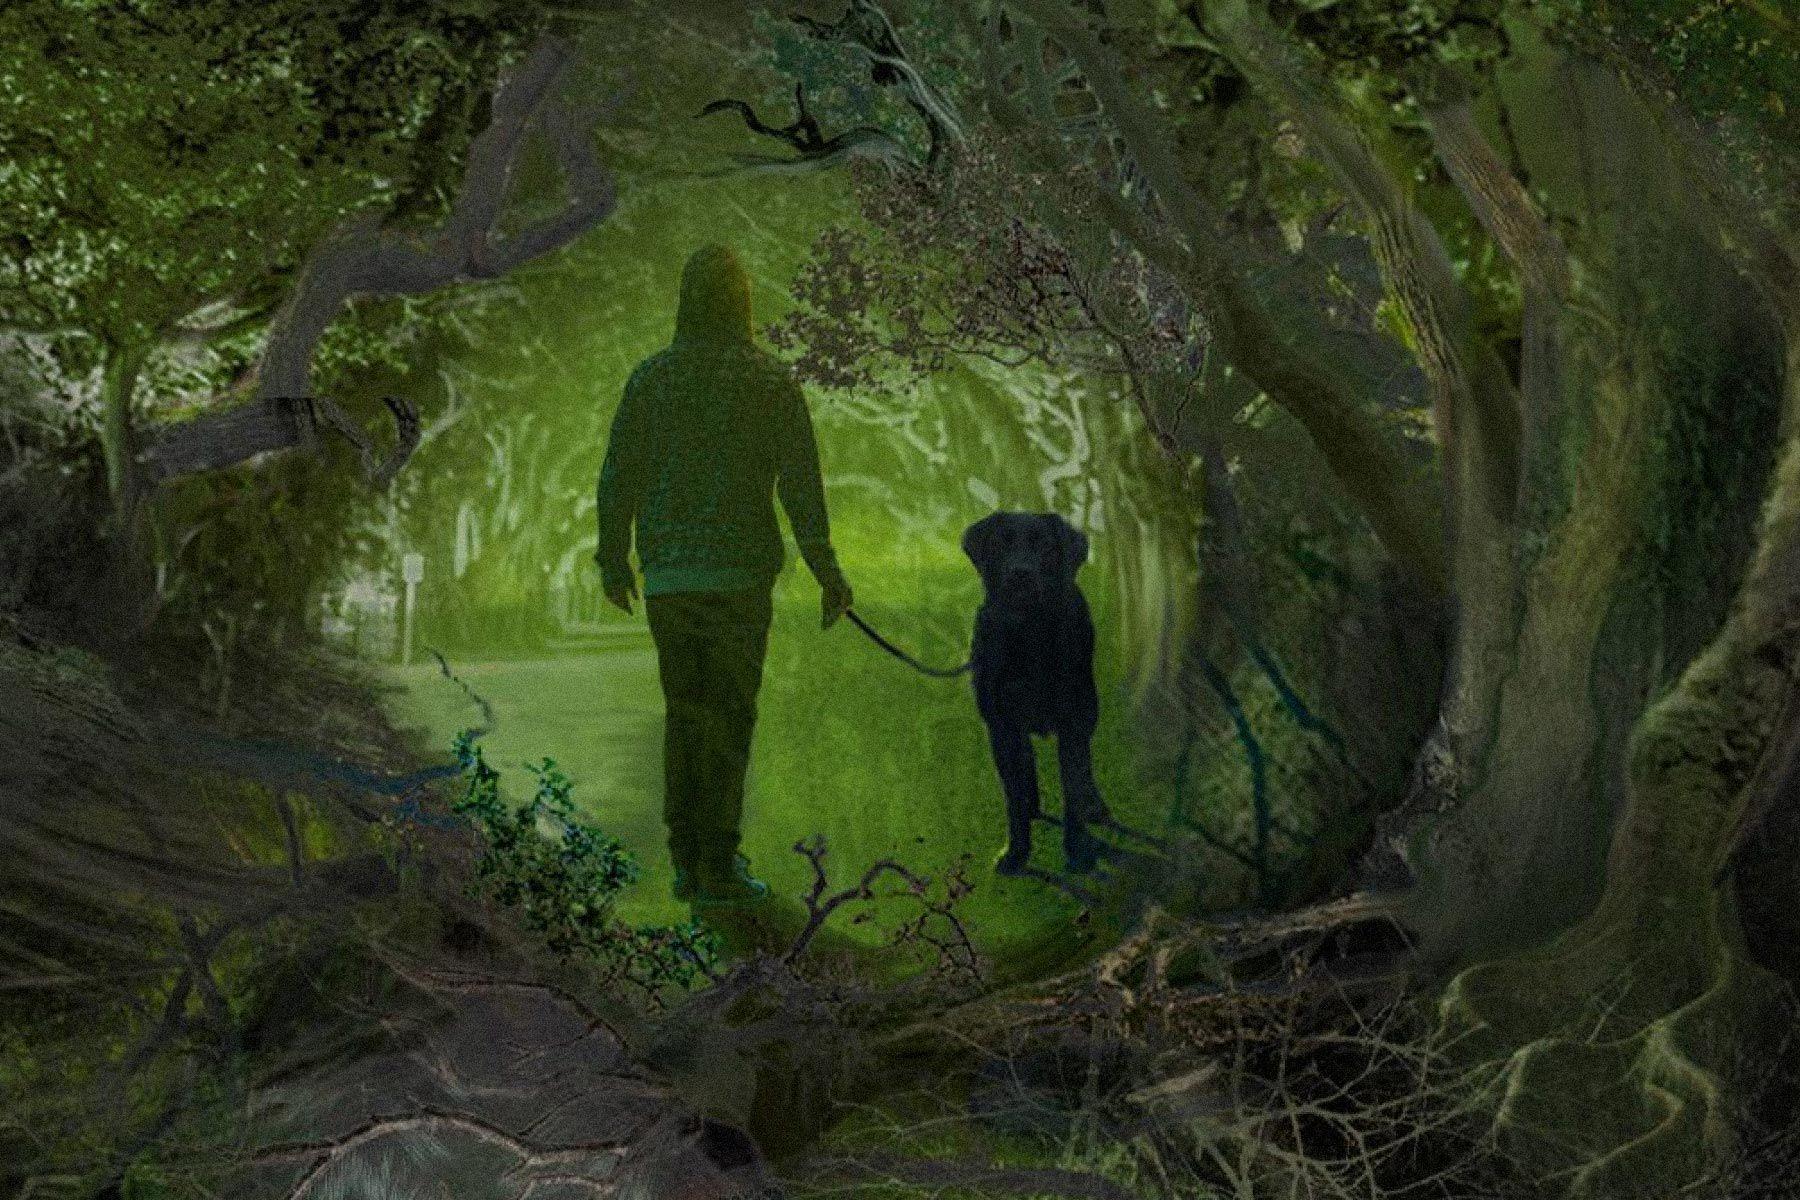 Иллюстрация книги «Чудовище сулицы Розы» Эдуарда Веркина